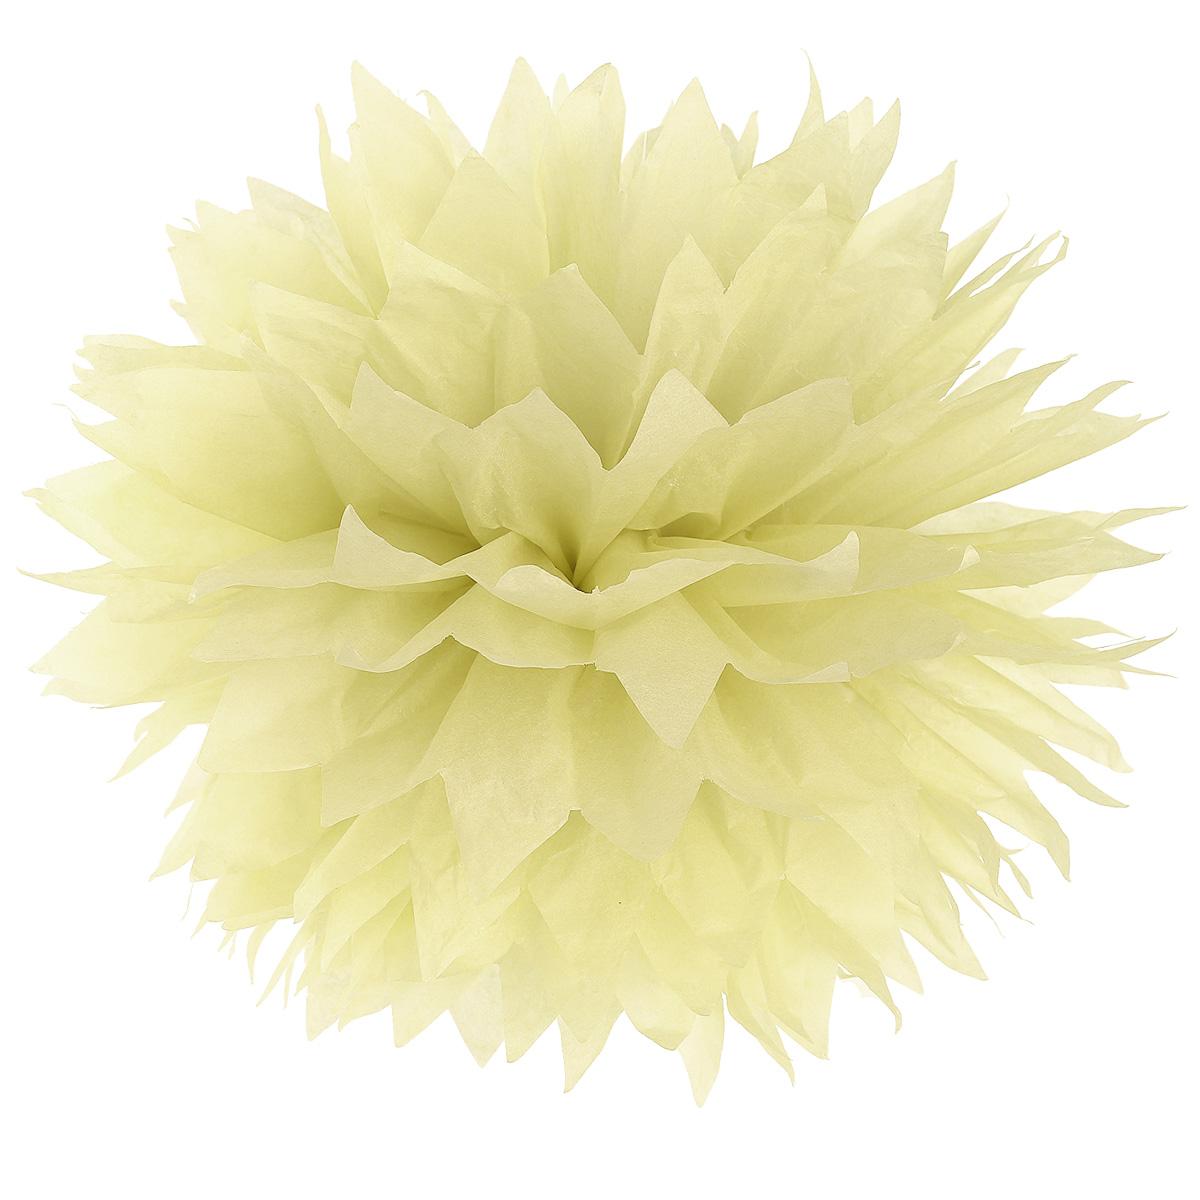 30x pompon papier de soie fleur boule 3 tailles beige d coration suspension 21 ebay. Black Bedroom Furniture Sets. Home Design Ideas